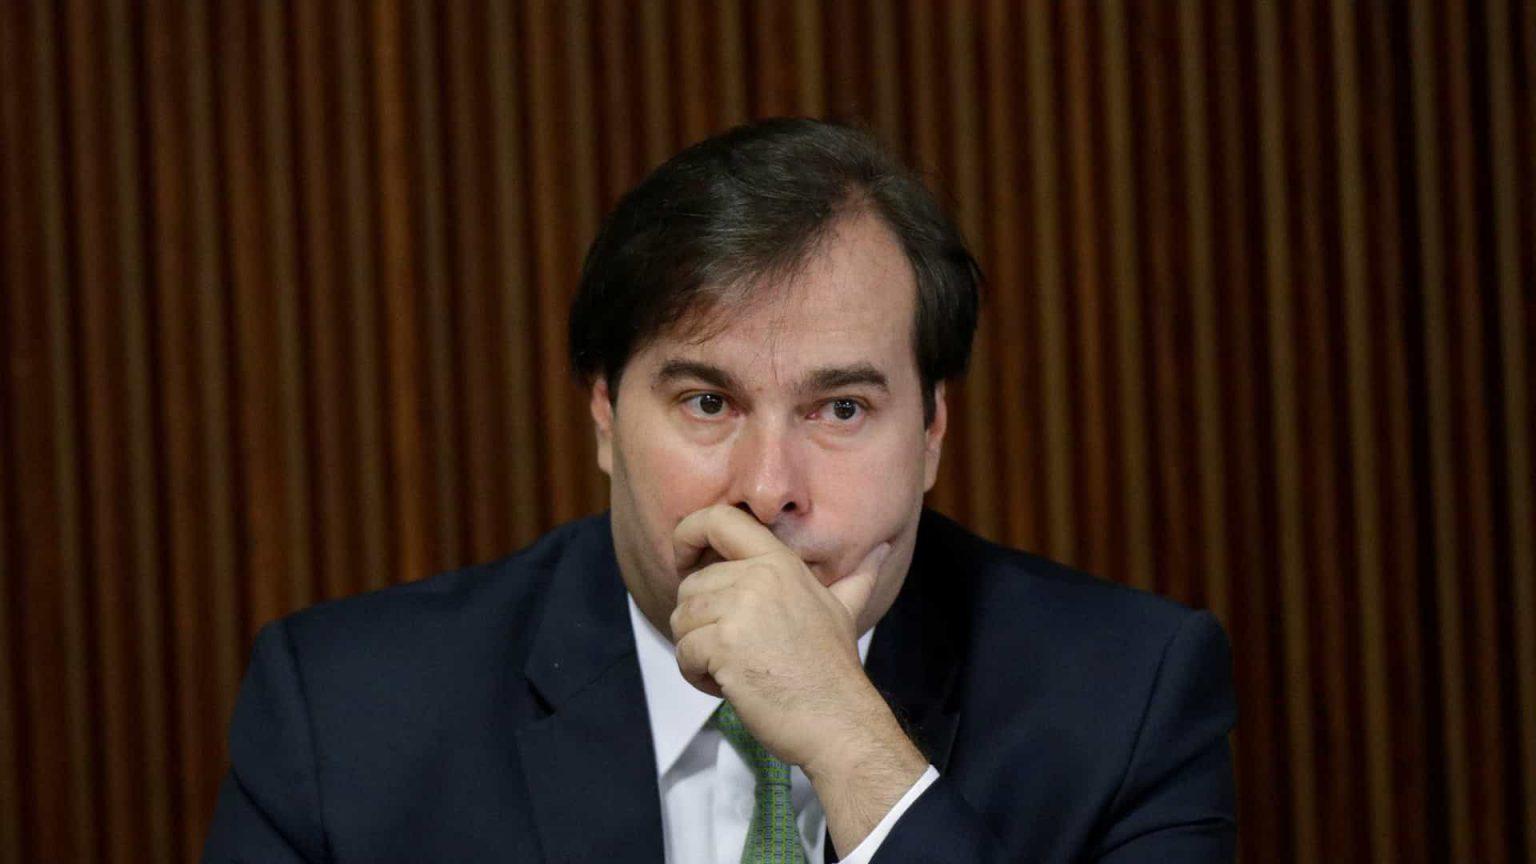 Maia descarta impeachment de Bolsonaro: 'Momento de salvar vidas'